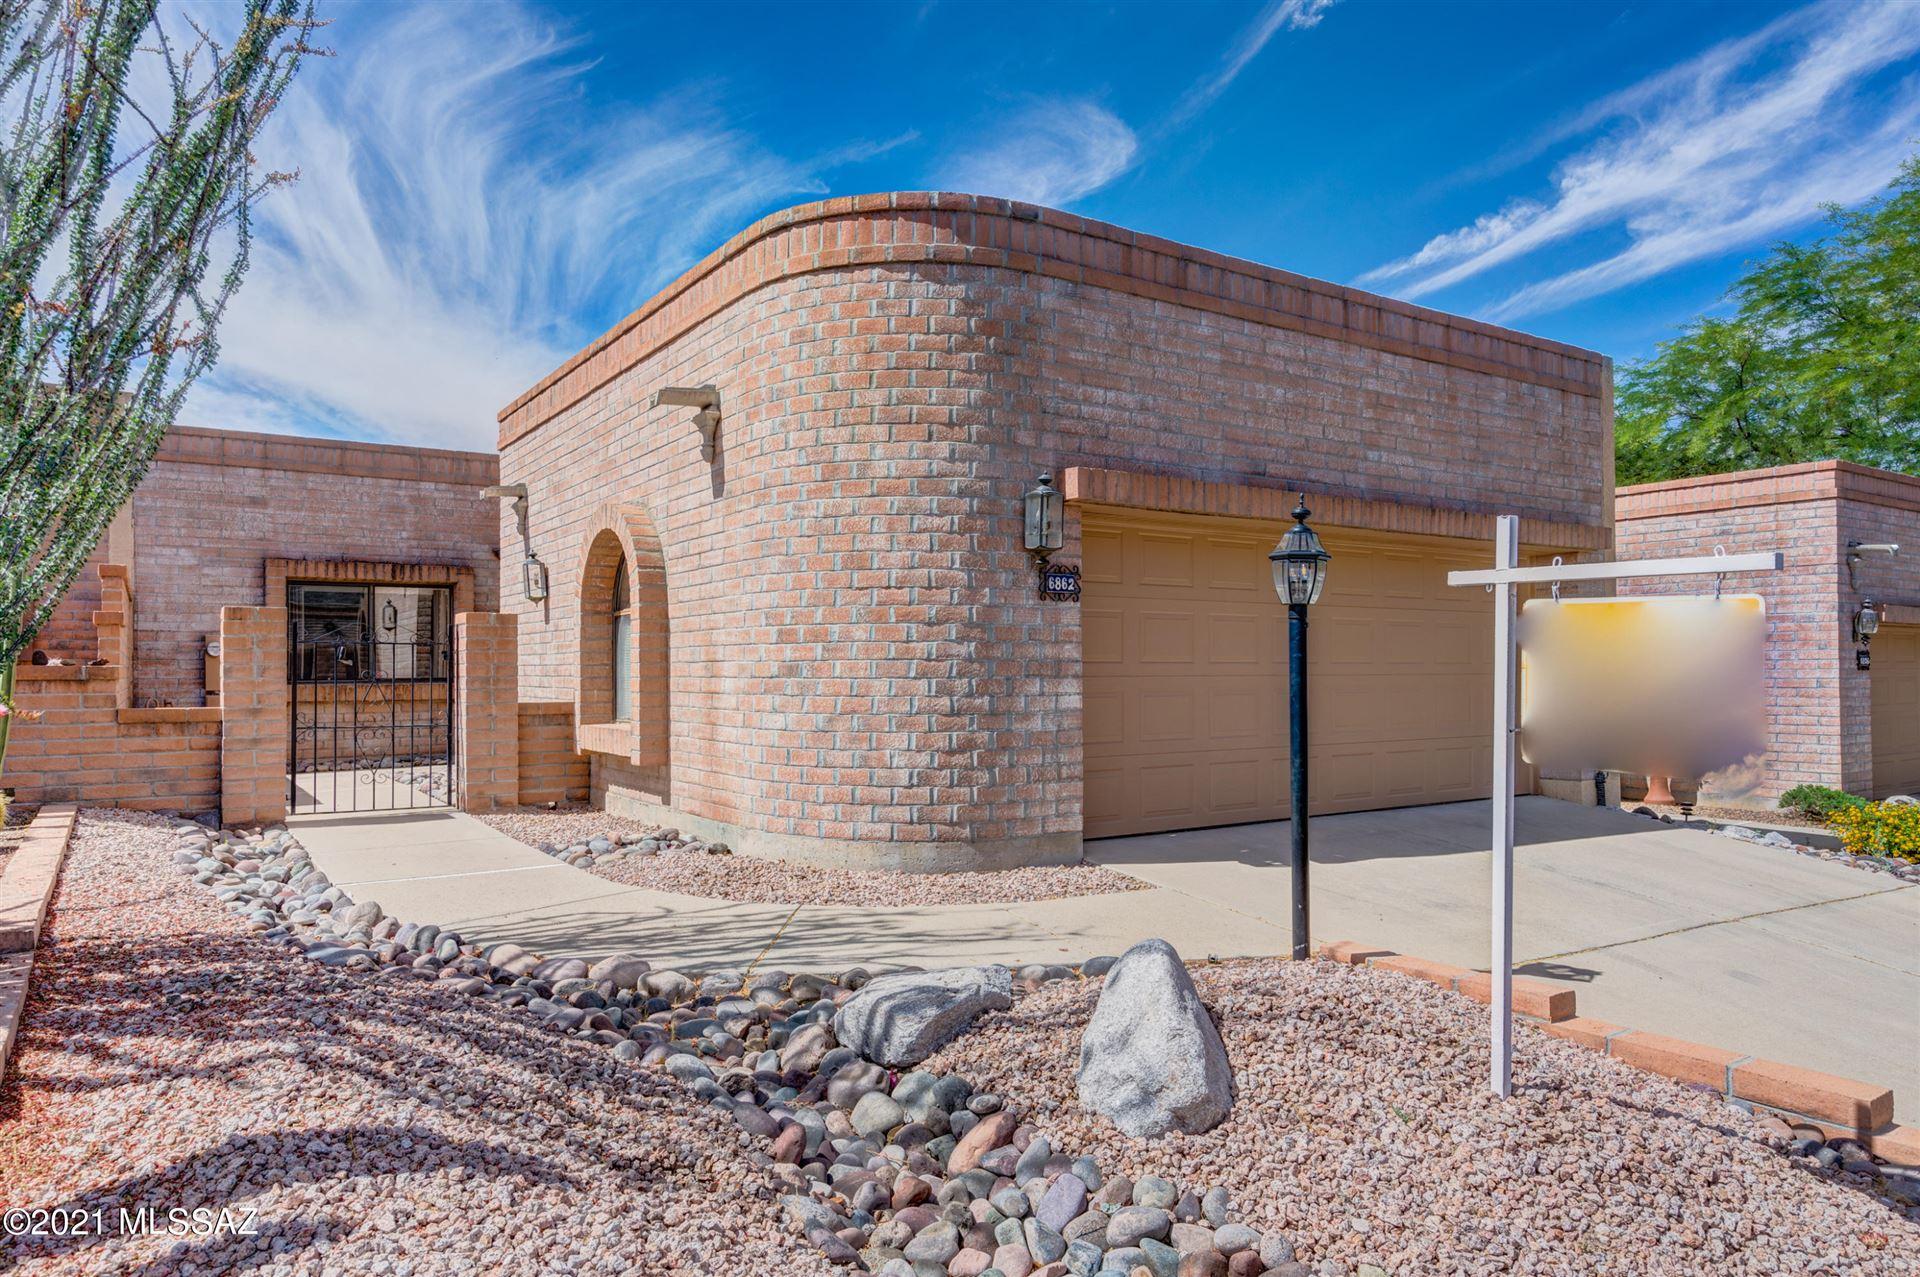 6862 E Via Vigna, Tucson, AZ 85750 - MLS#: 22112177